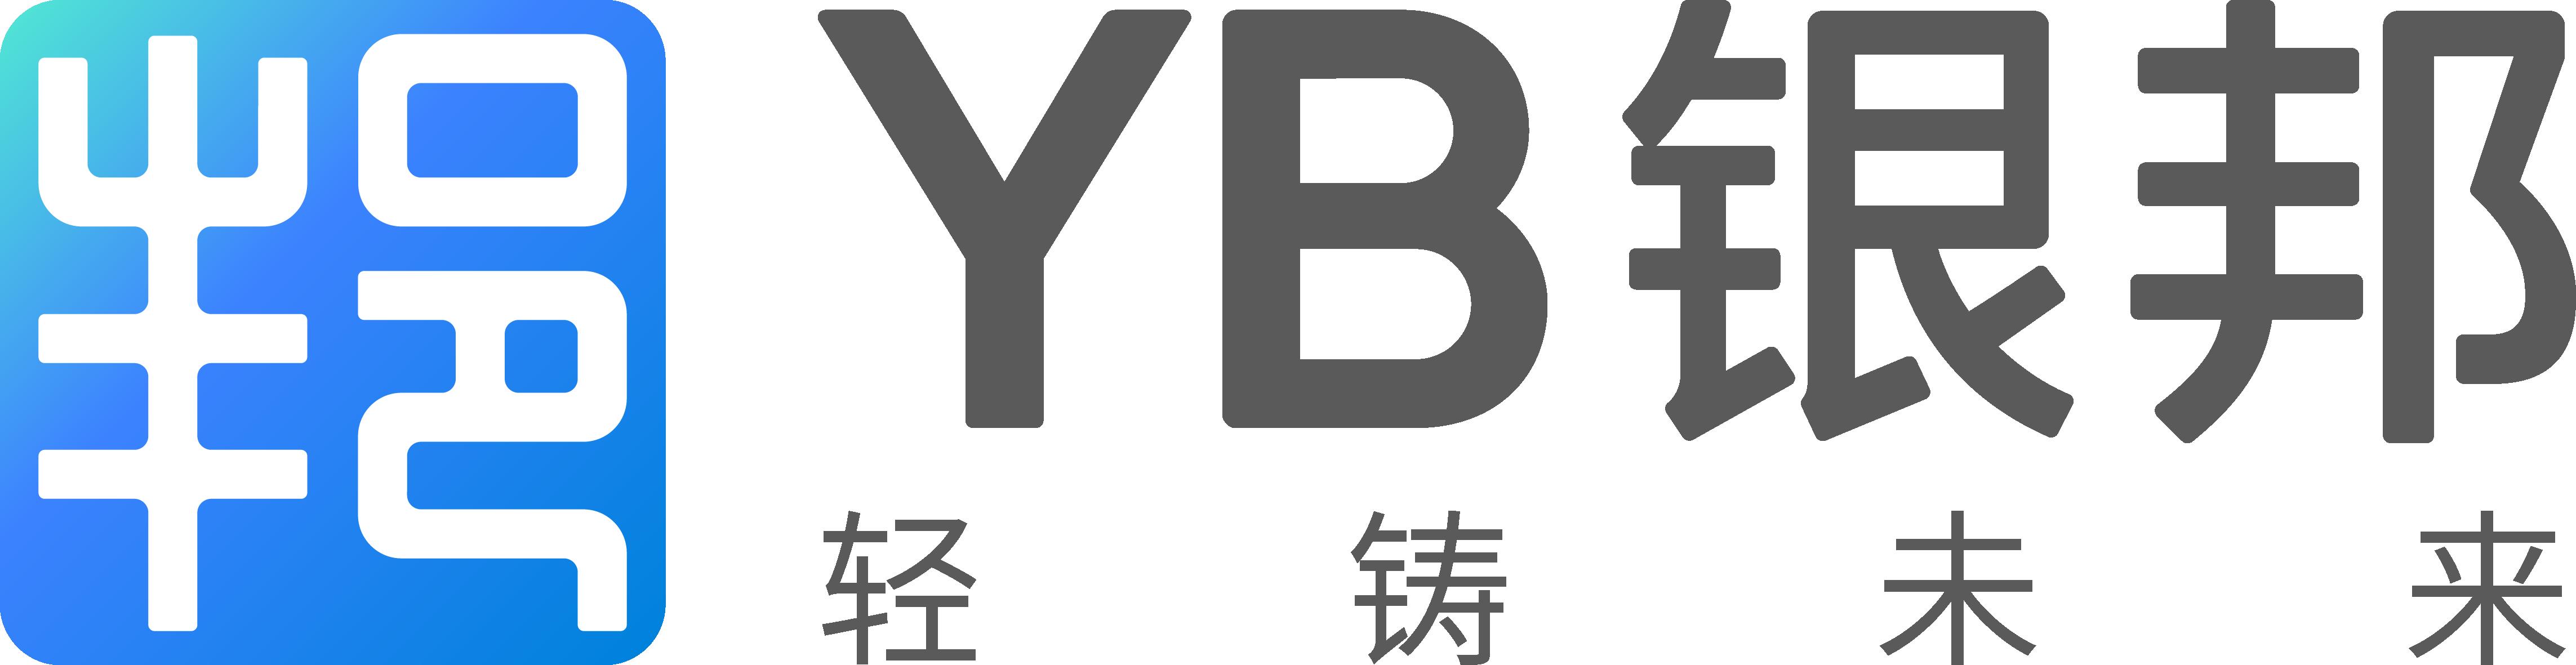 银邦金属复合威尼斯人官网股份有限公司